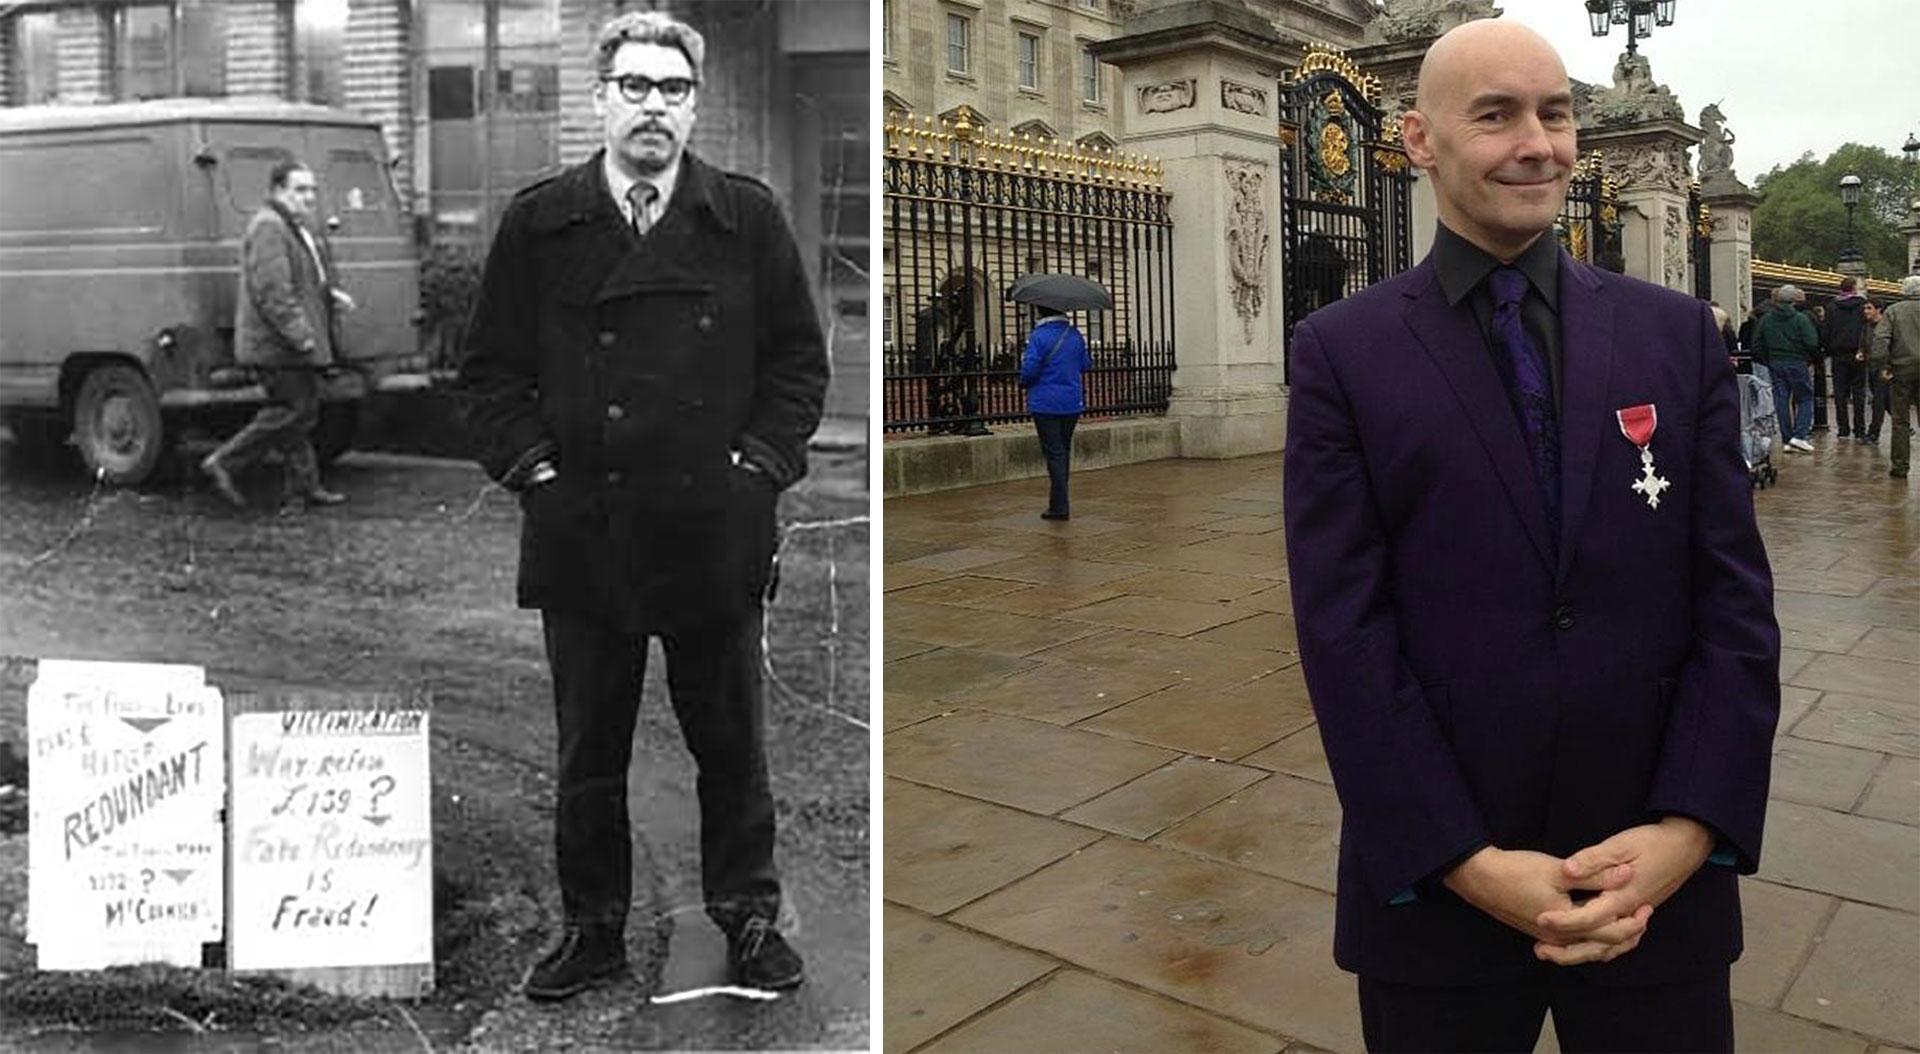 Walter y Grant, miembros del Imperio Británico